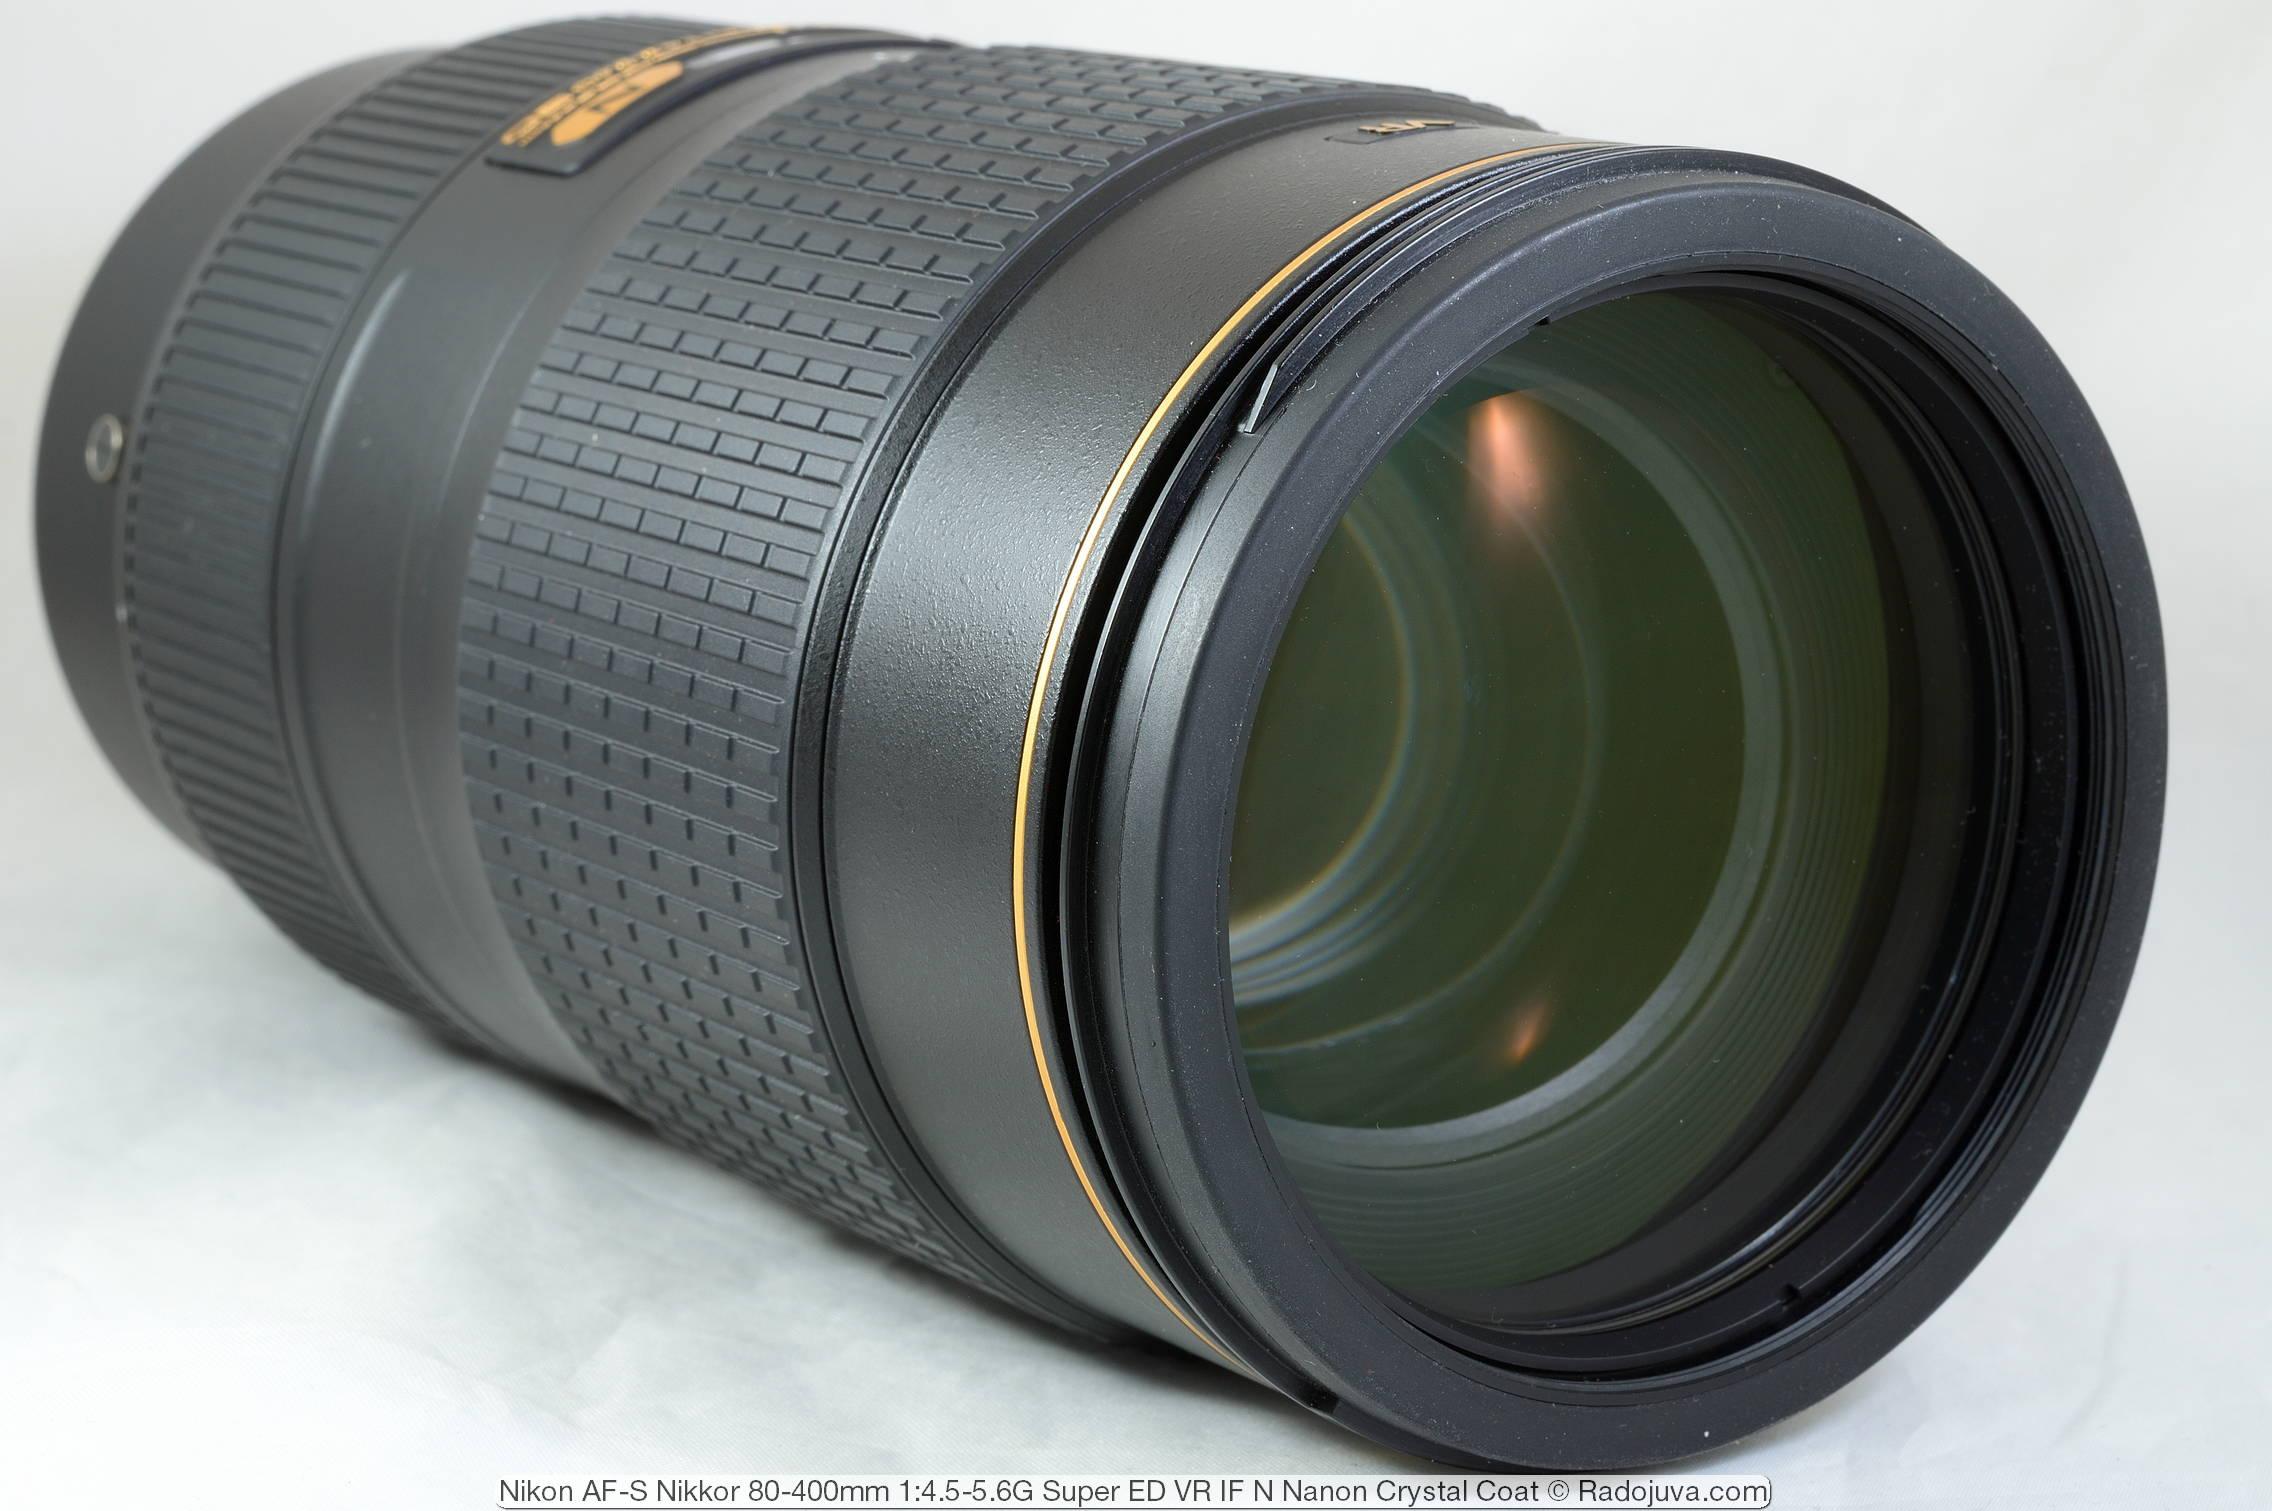 Nikon AF-S Nikkor 80-400mm 1:4.5-5.6G Super ED VR IF N Nano Crystal Coat